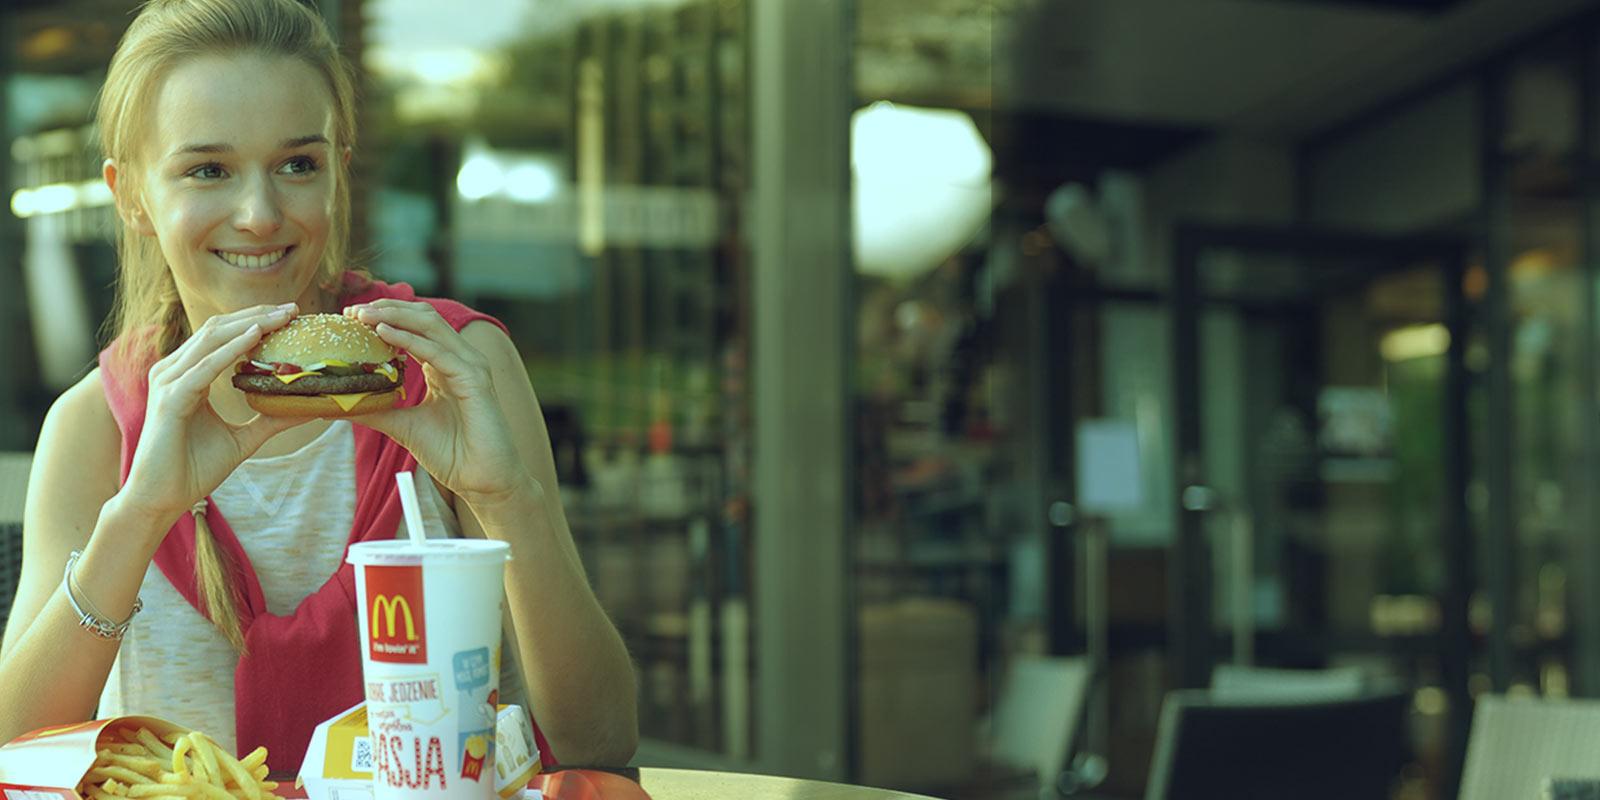 Nowe kupony @ McDonald's